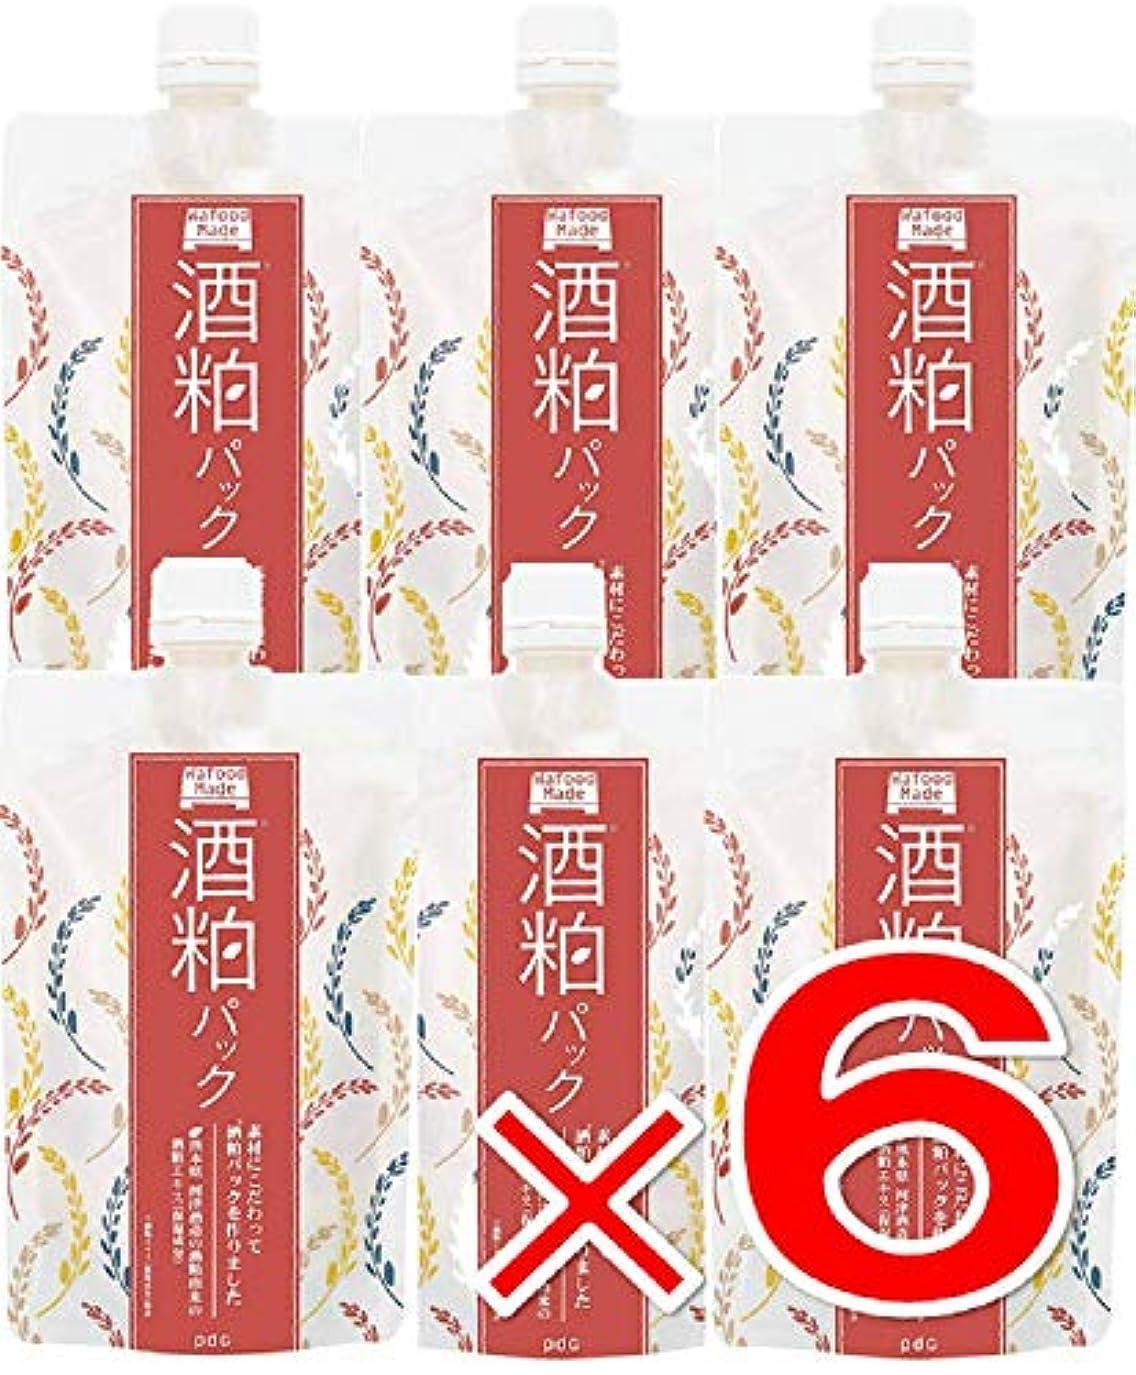 決定する指標プラス【 6個 】 ワフードメイド (Wafood Made) 酒粕パック 170g 日本製